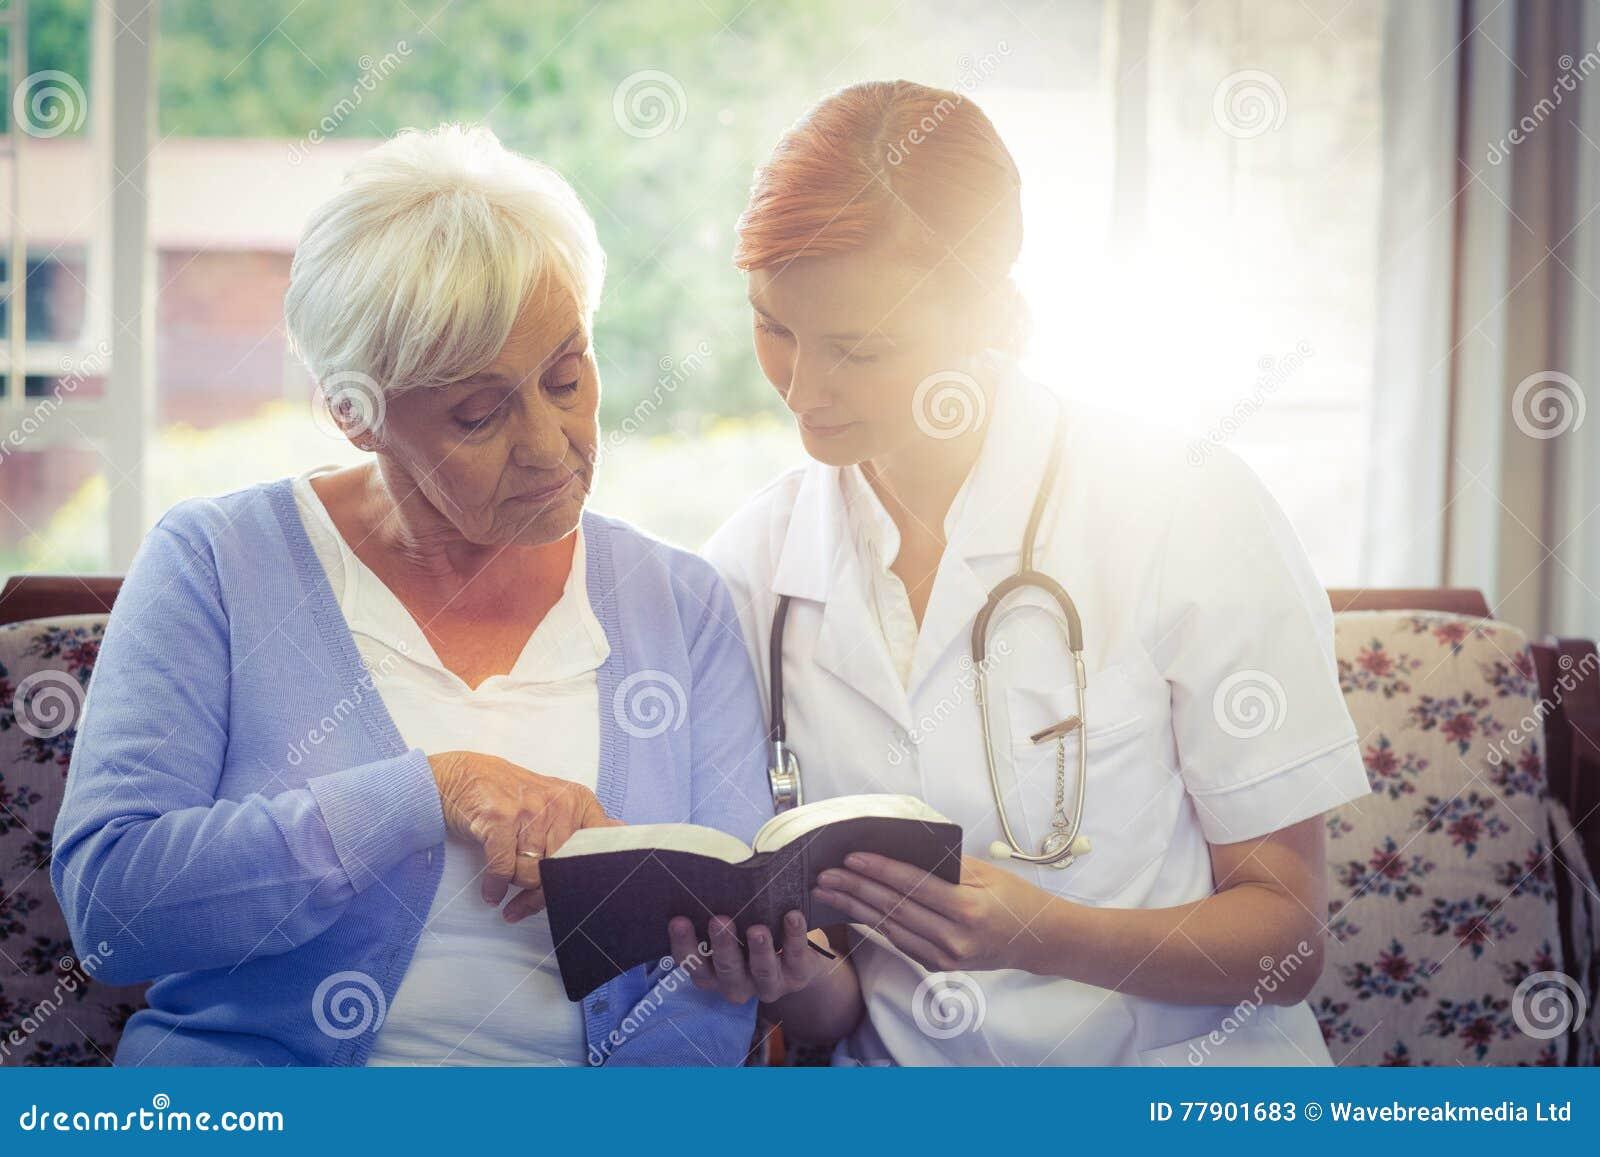 Doktor und Patient, die ein Buch lesen